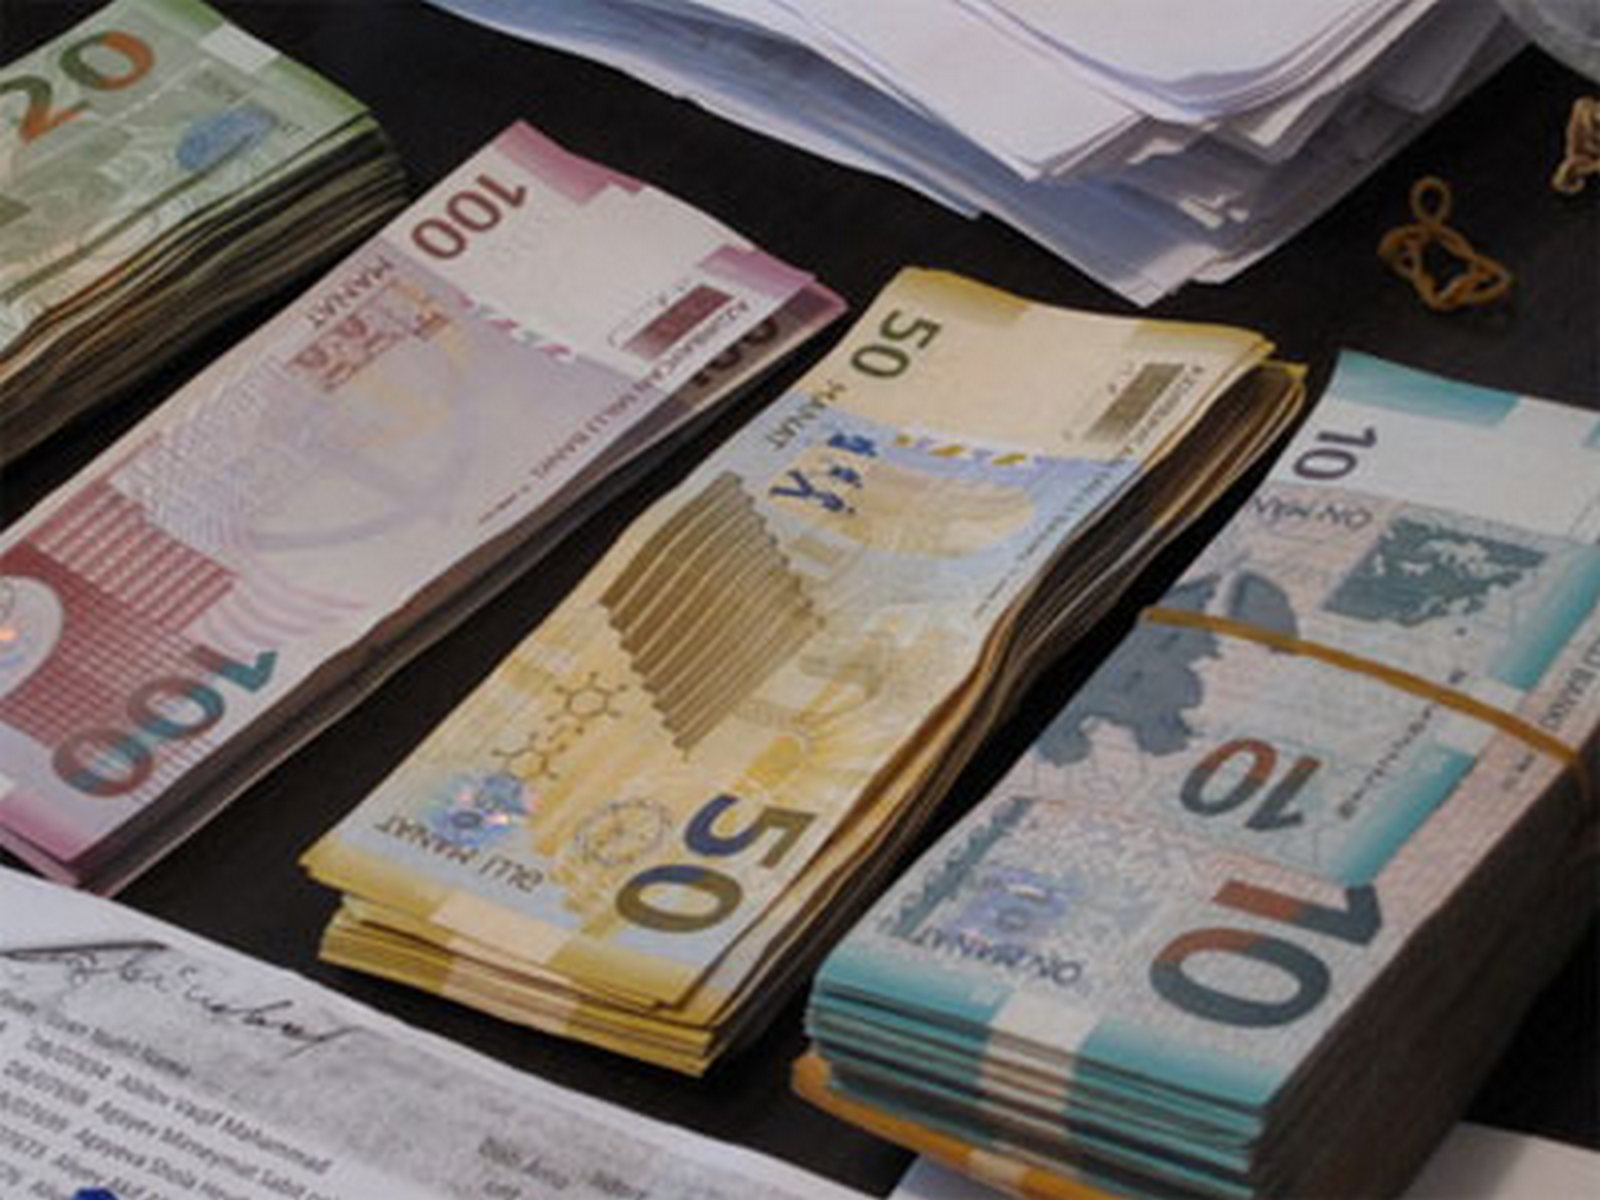 İcbari sığorta növləri üzrə 217 min dollardan çox kompensasiya ödənilib